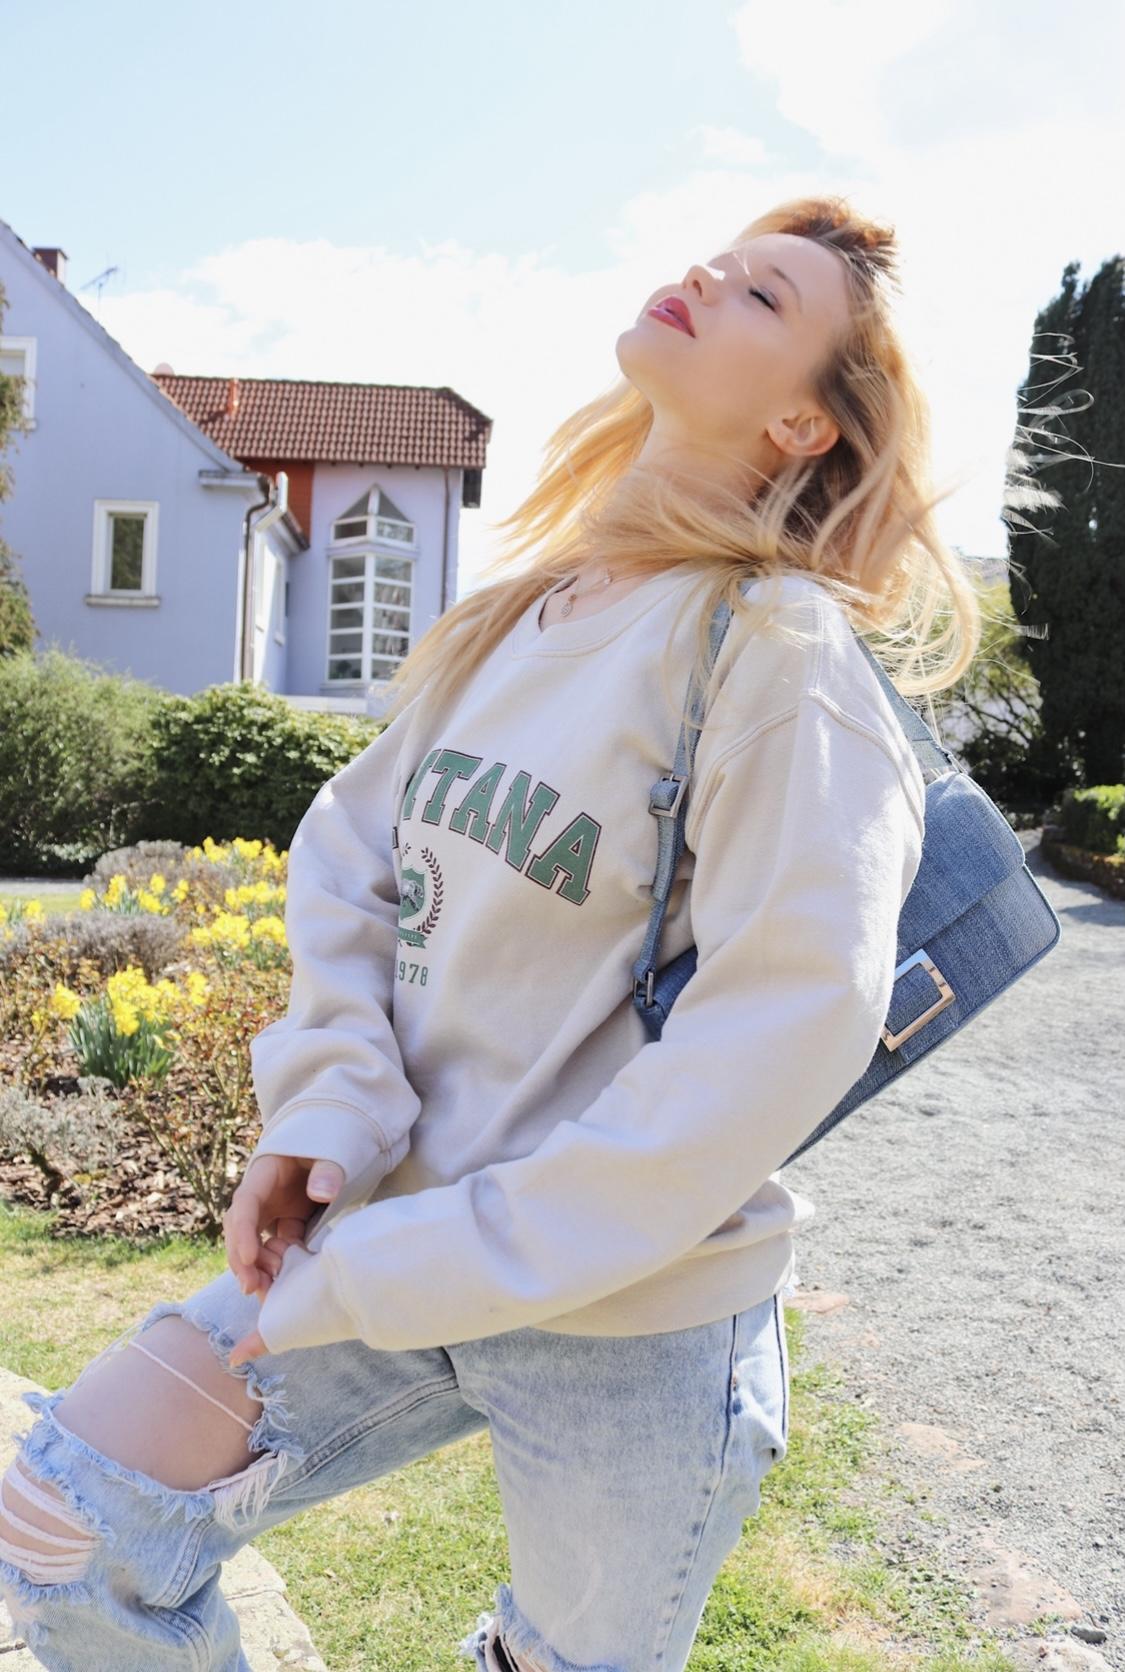 Mädchen. steht in der Frühlingssone, trägt einen Pullover und eine Tasche aus Jeansstoff